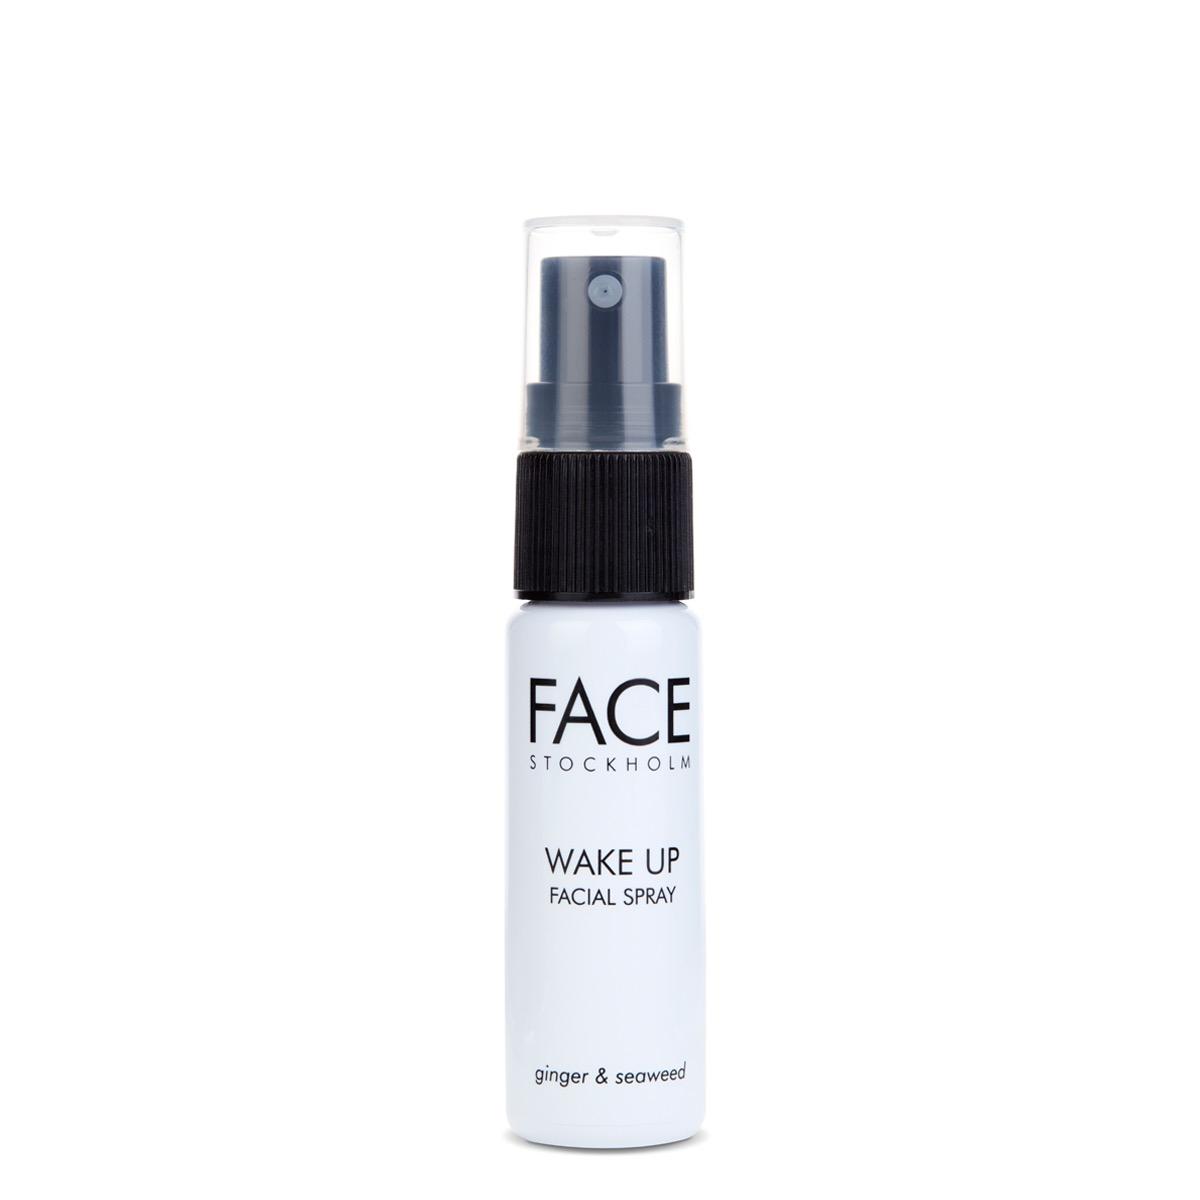 Face Stockhold spray bottle, white background